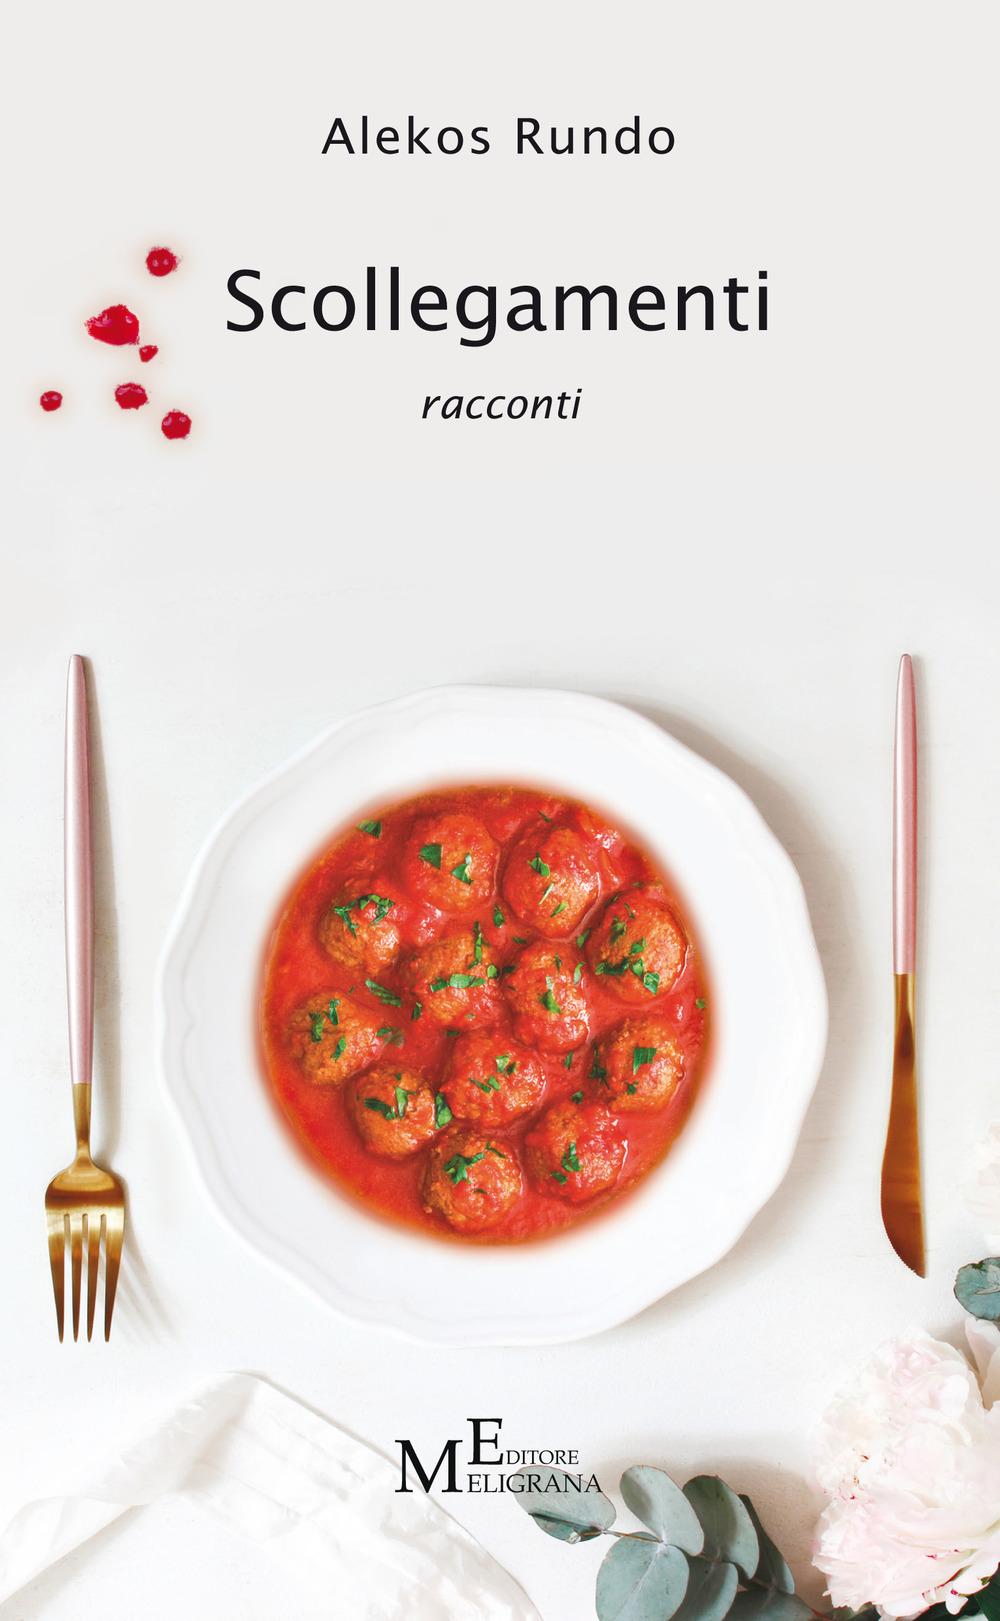 Image of Scollegamenti. Racconti